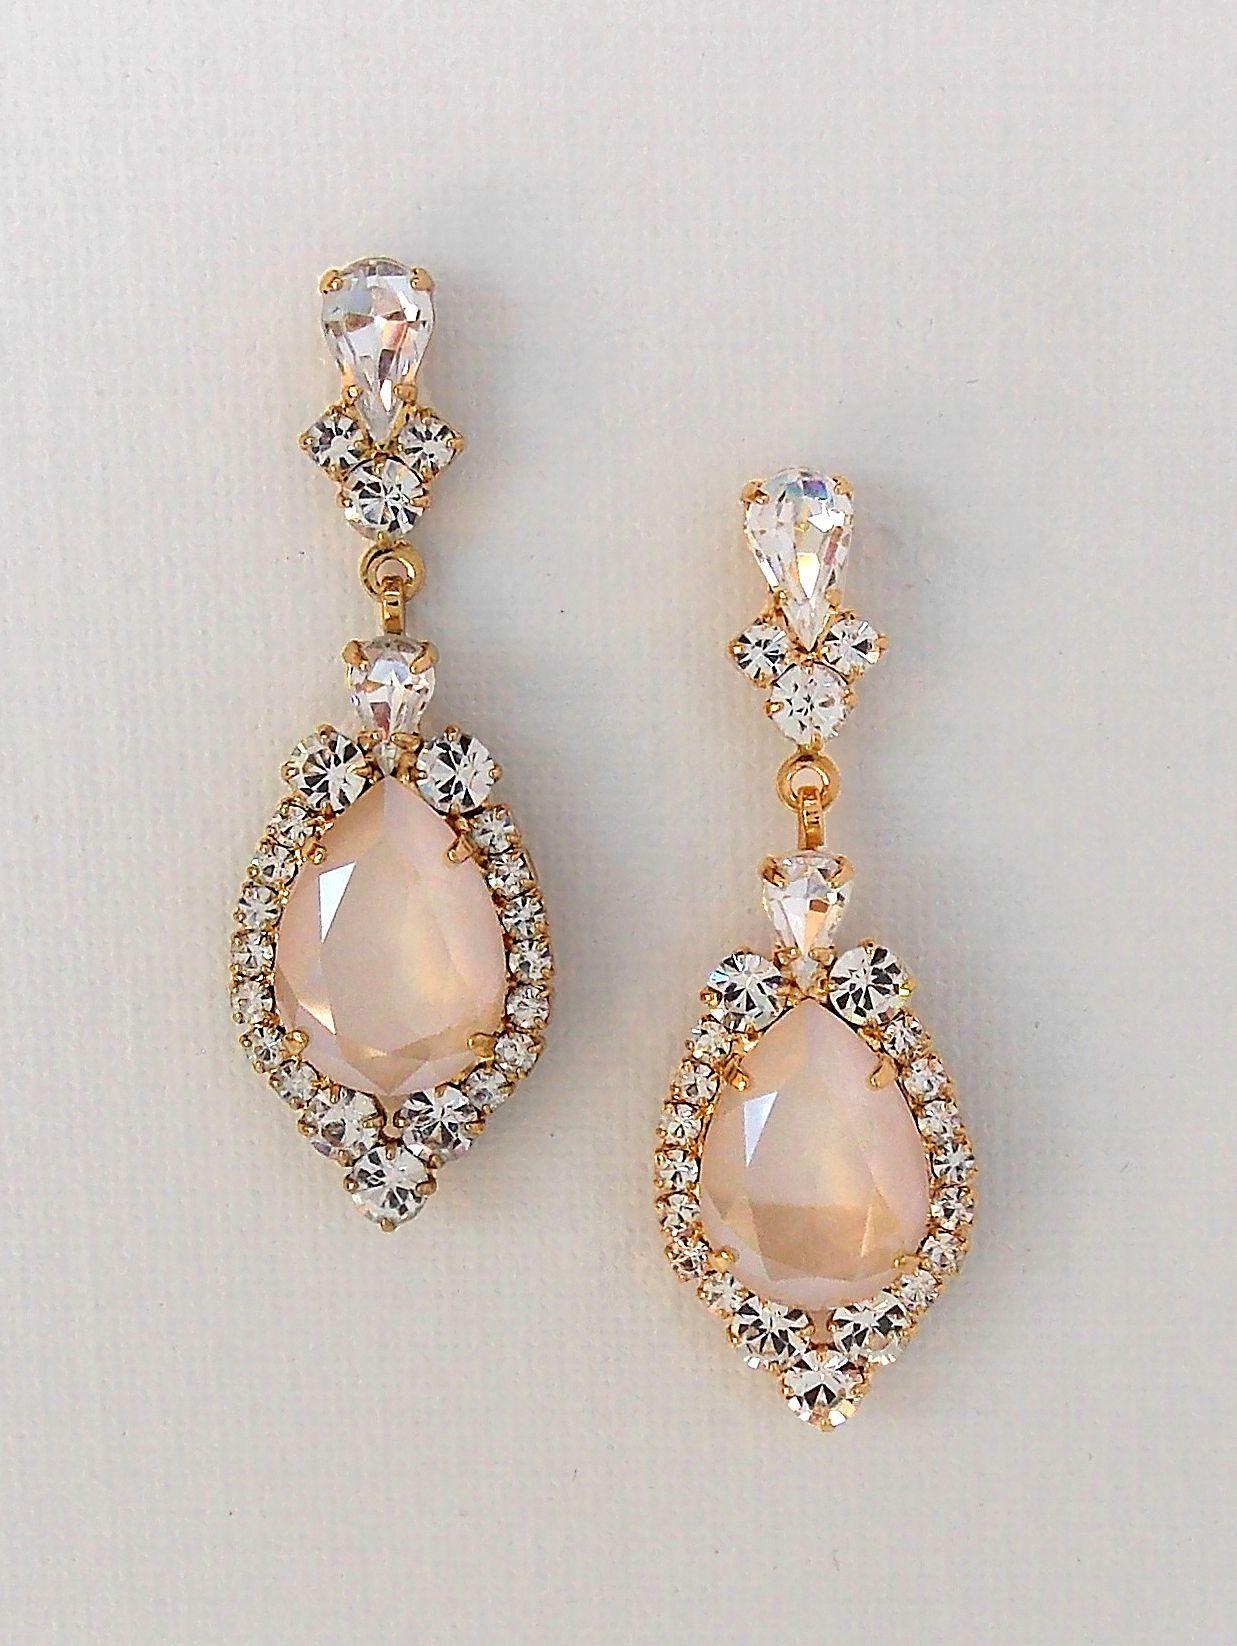 Bridal Crystal Earrings Gold Teardrop Chandelier Weddingjewelry